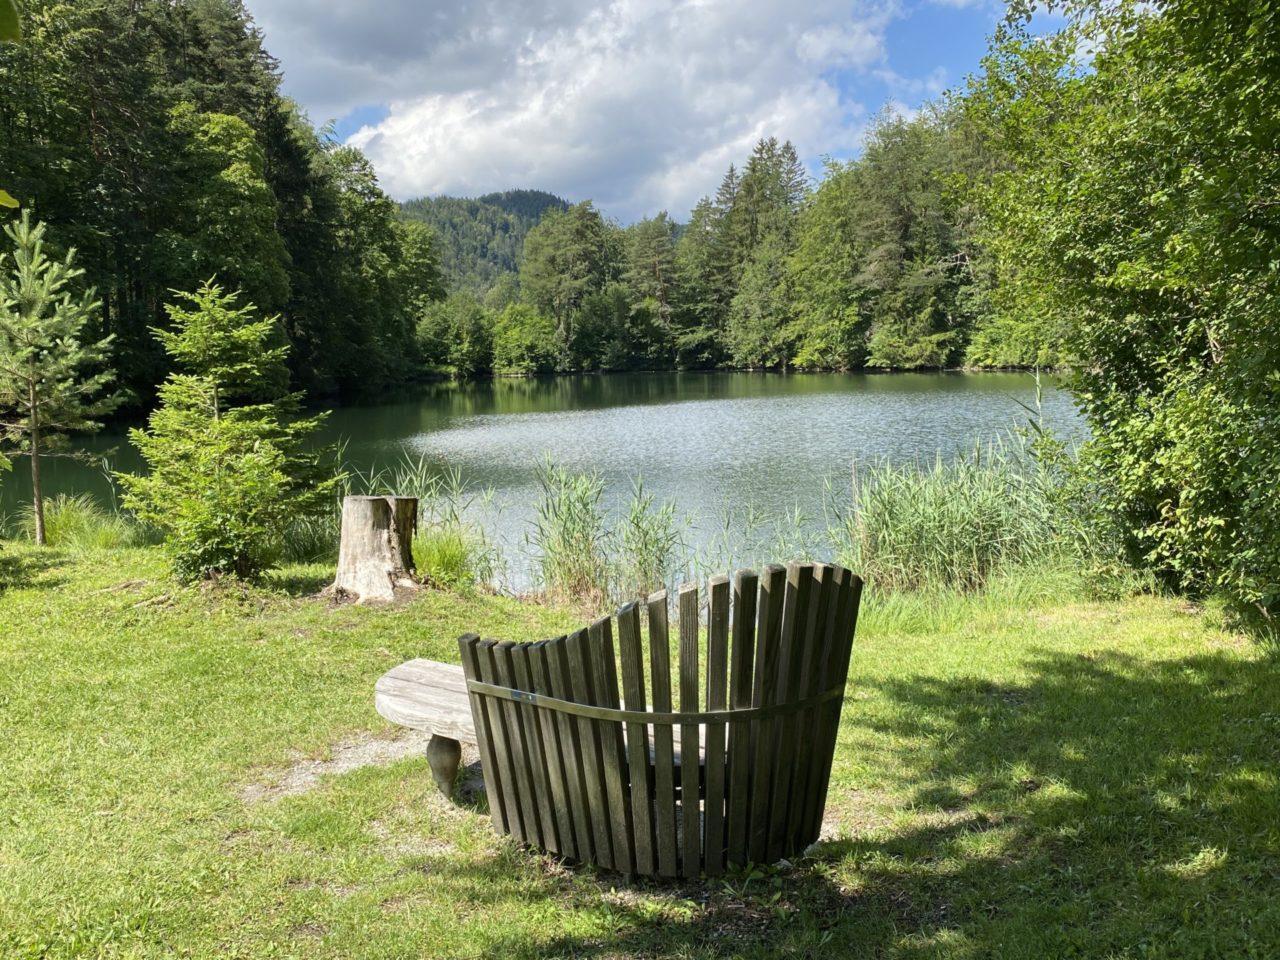 Eine Bank vor einem See im Wald